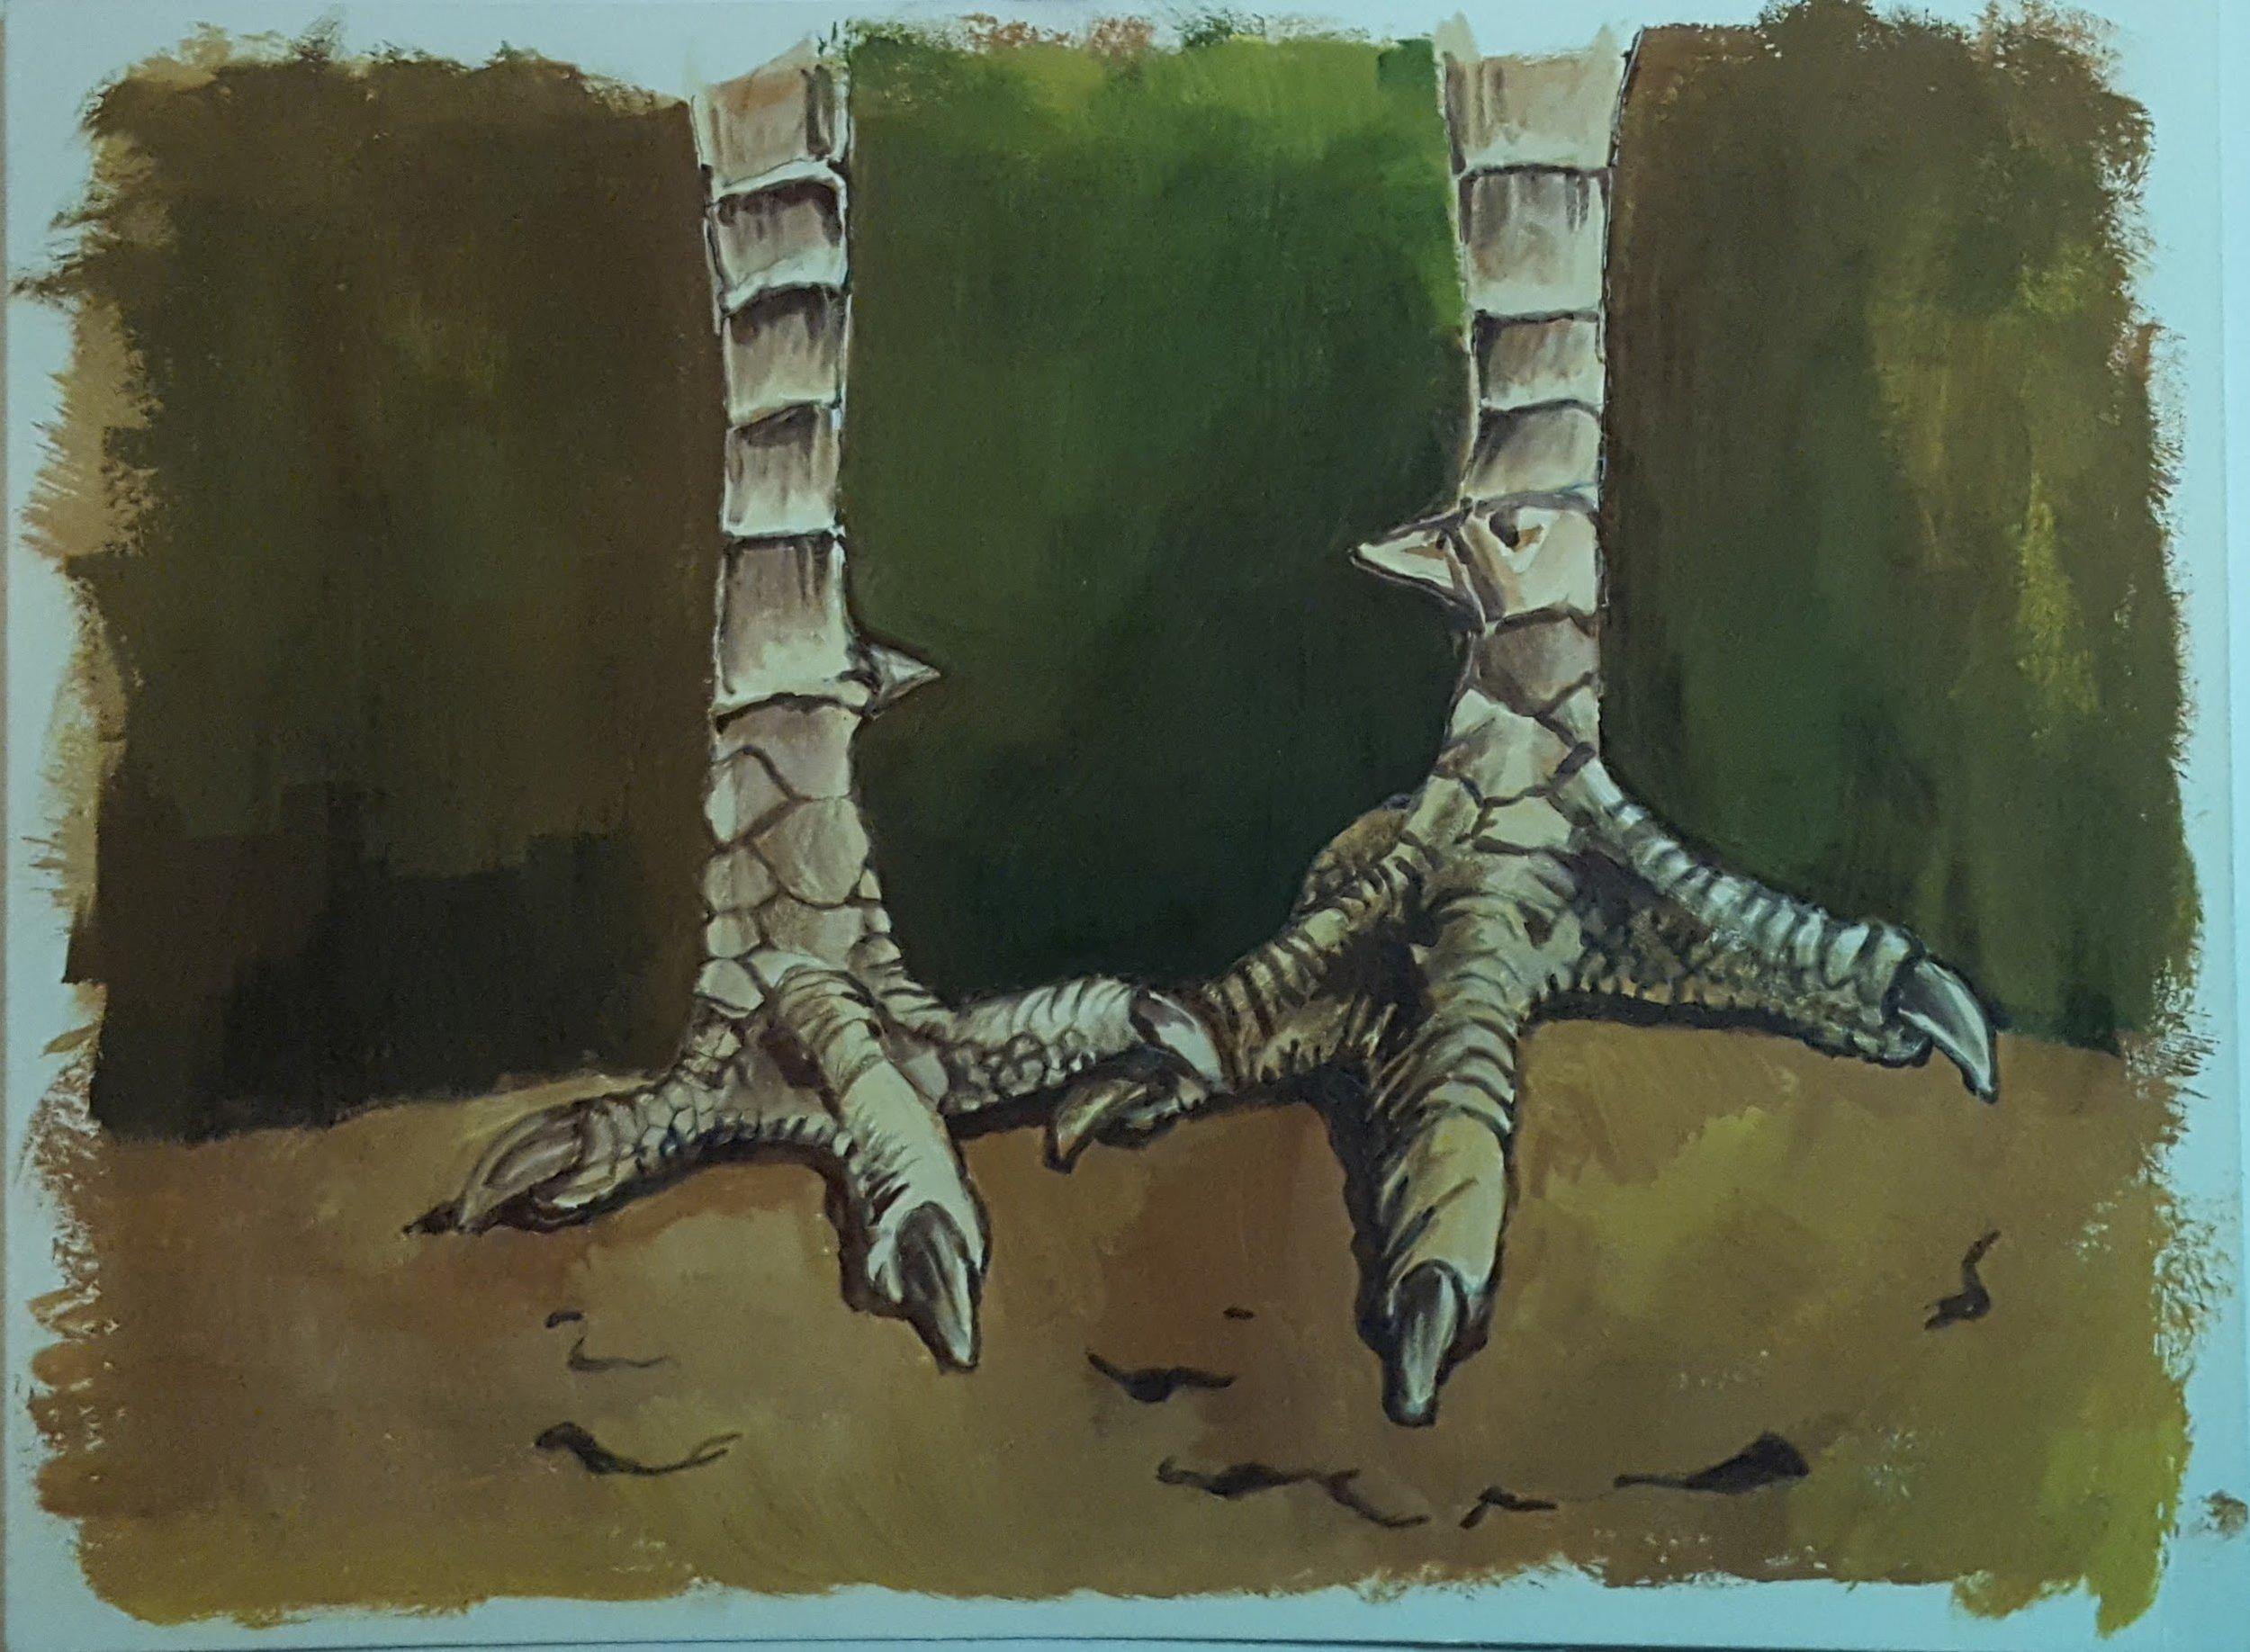 Ostrich feet